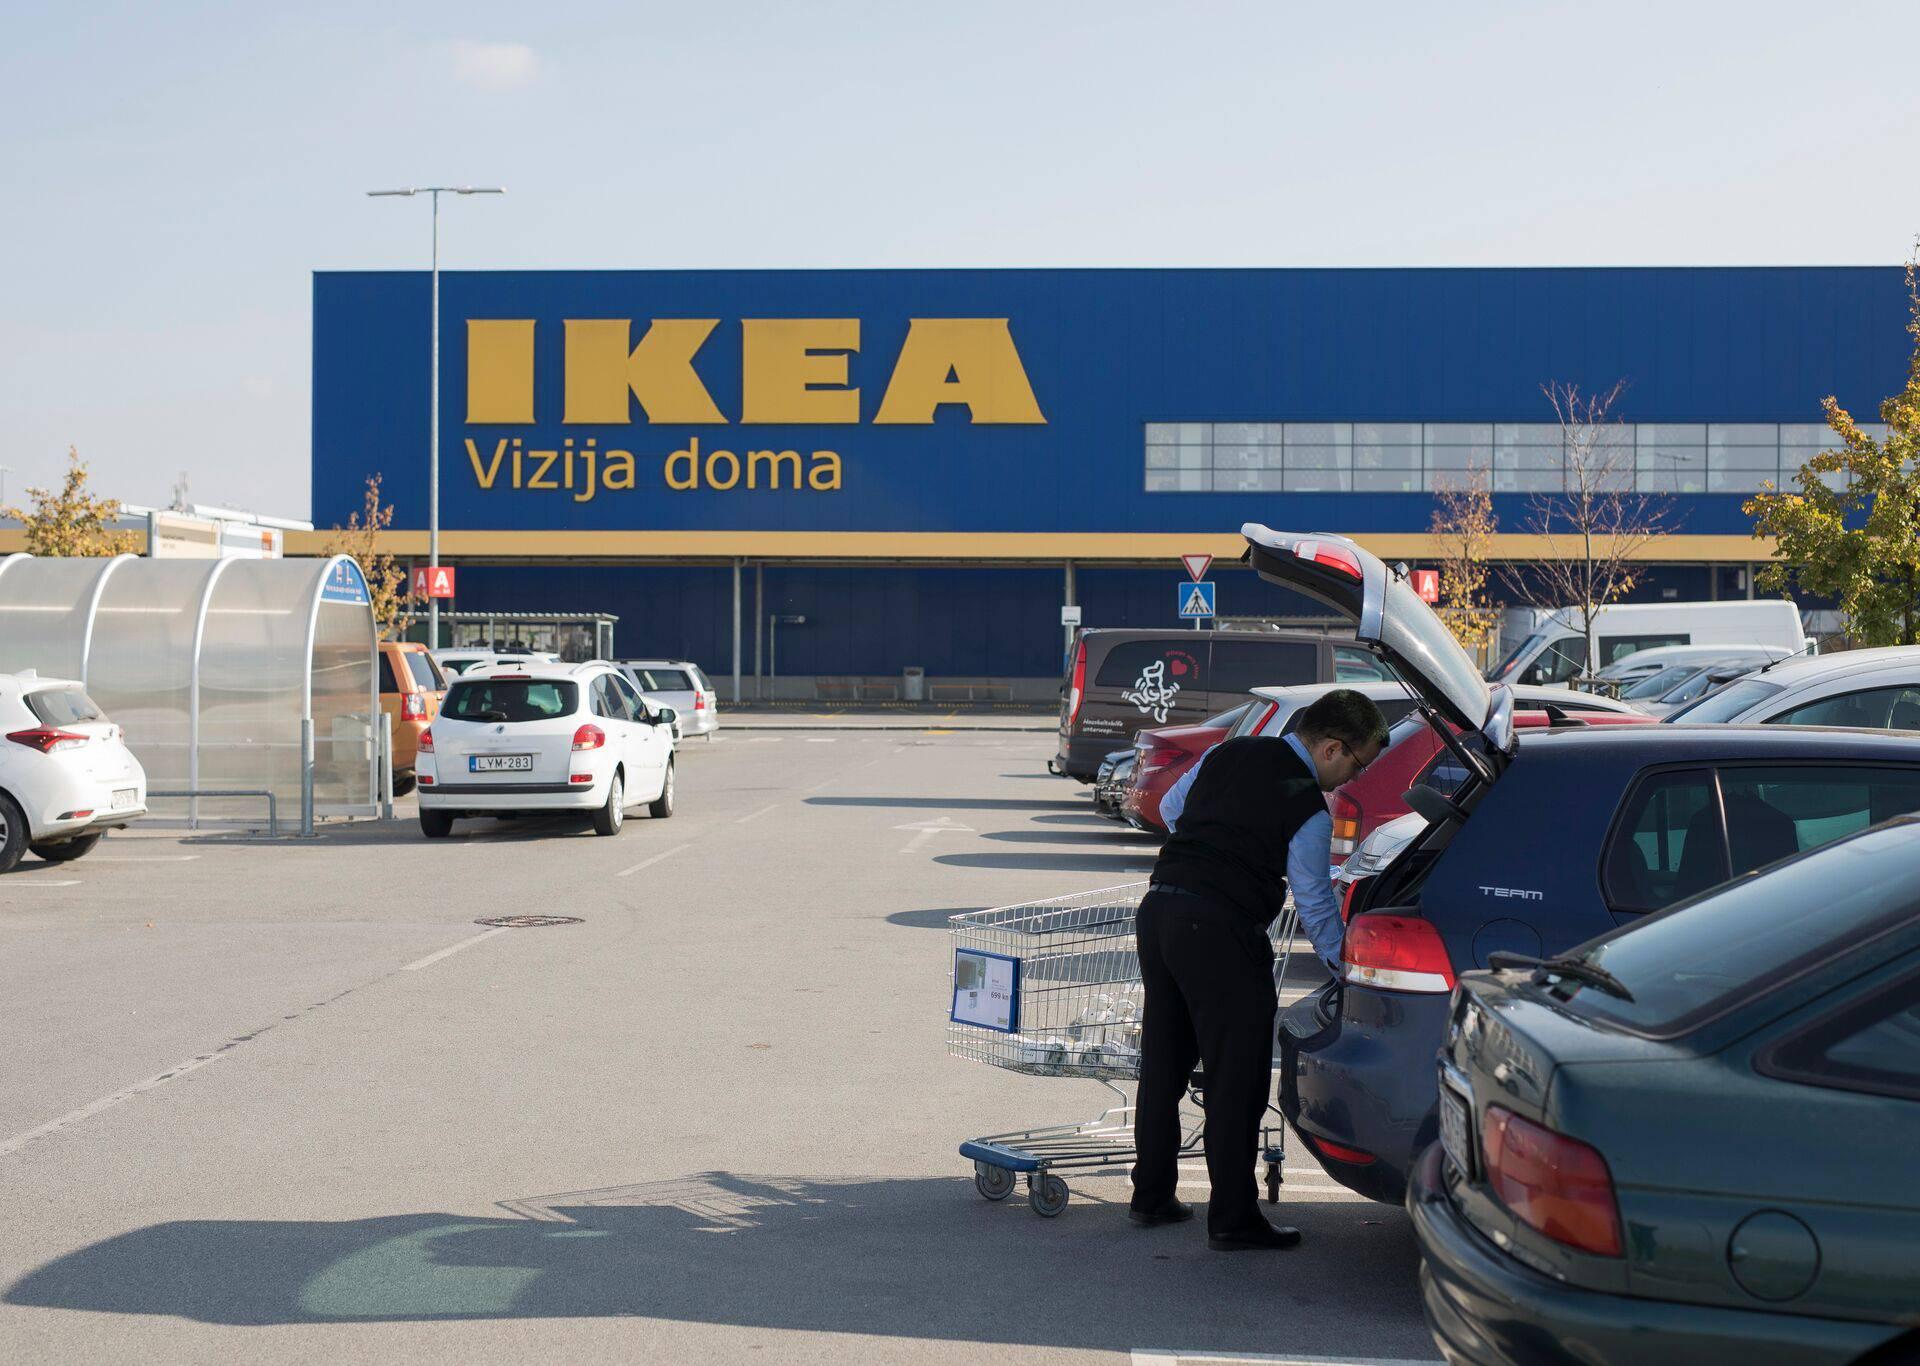 Lukave metode Ikee: Oni točno znaju kako nam prodati stvari